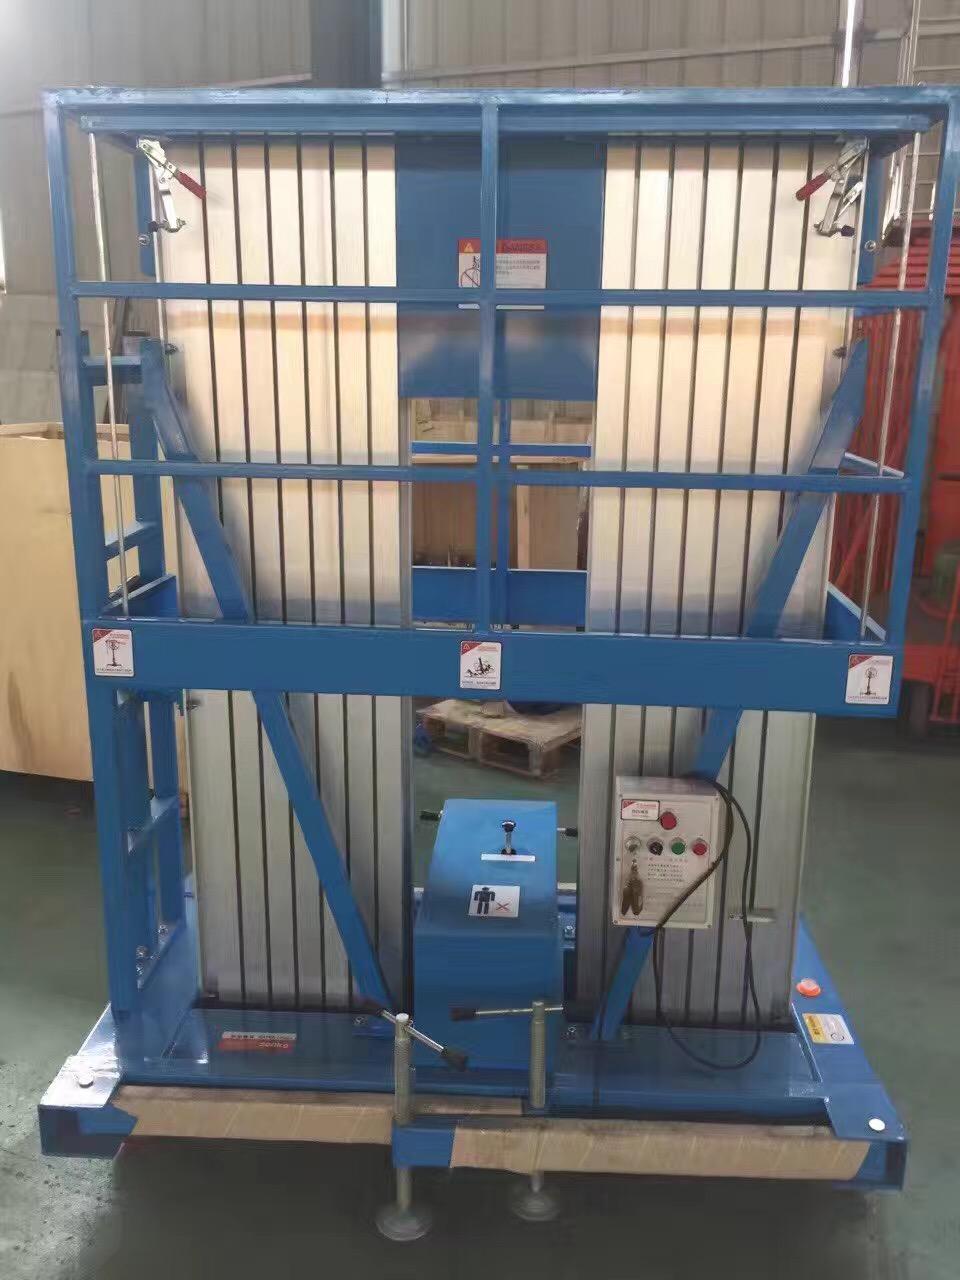 河北豪华平台生产厂家升降机哪家好升降机械、升降机设备